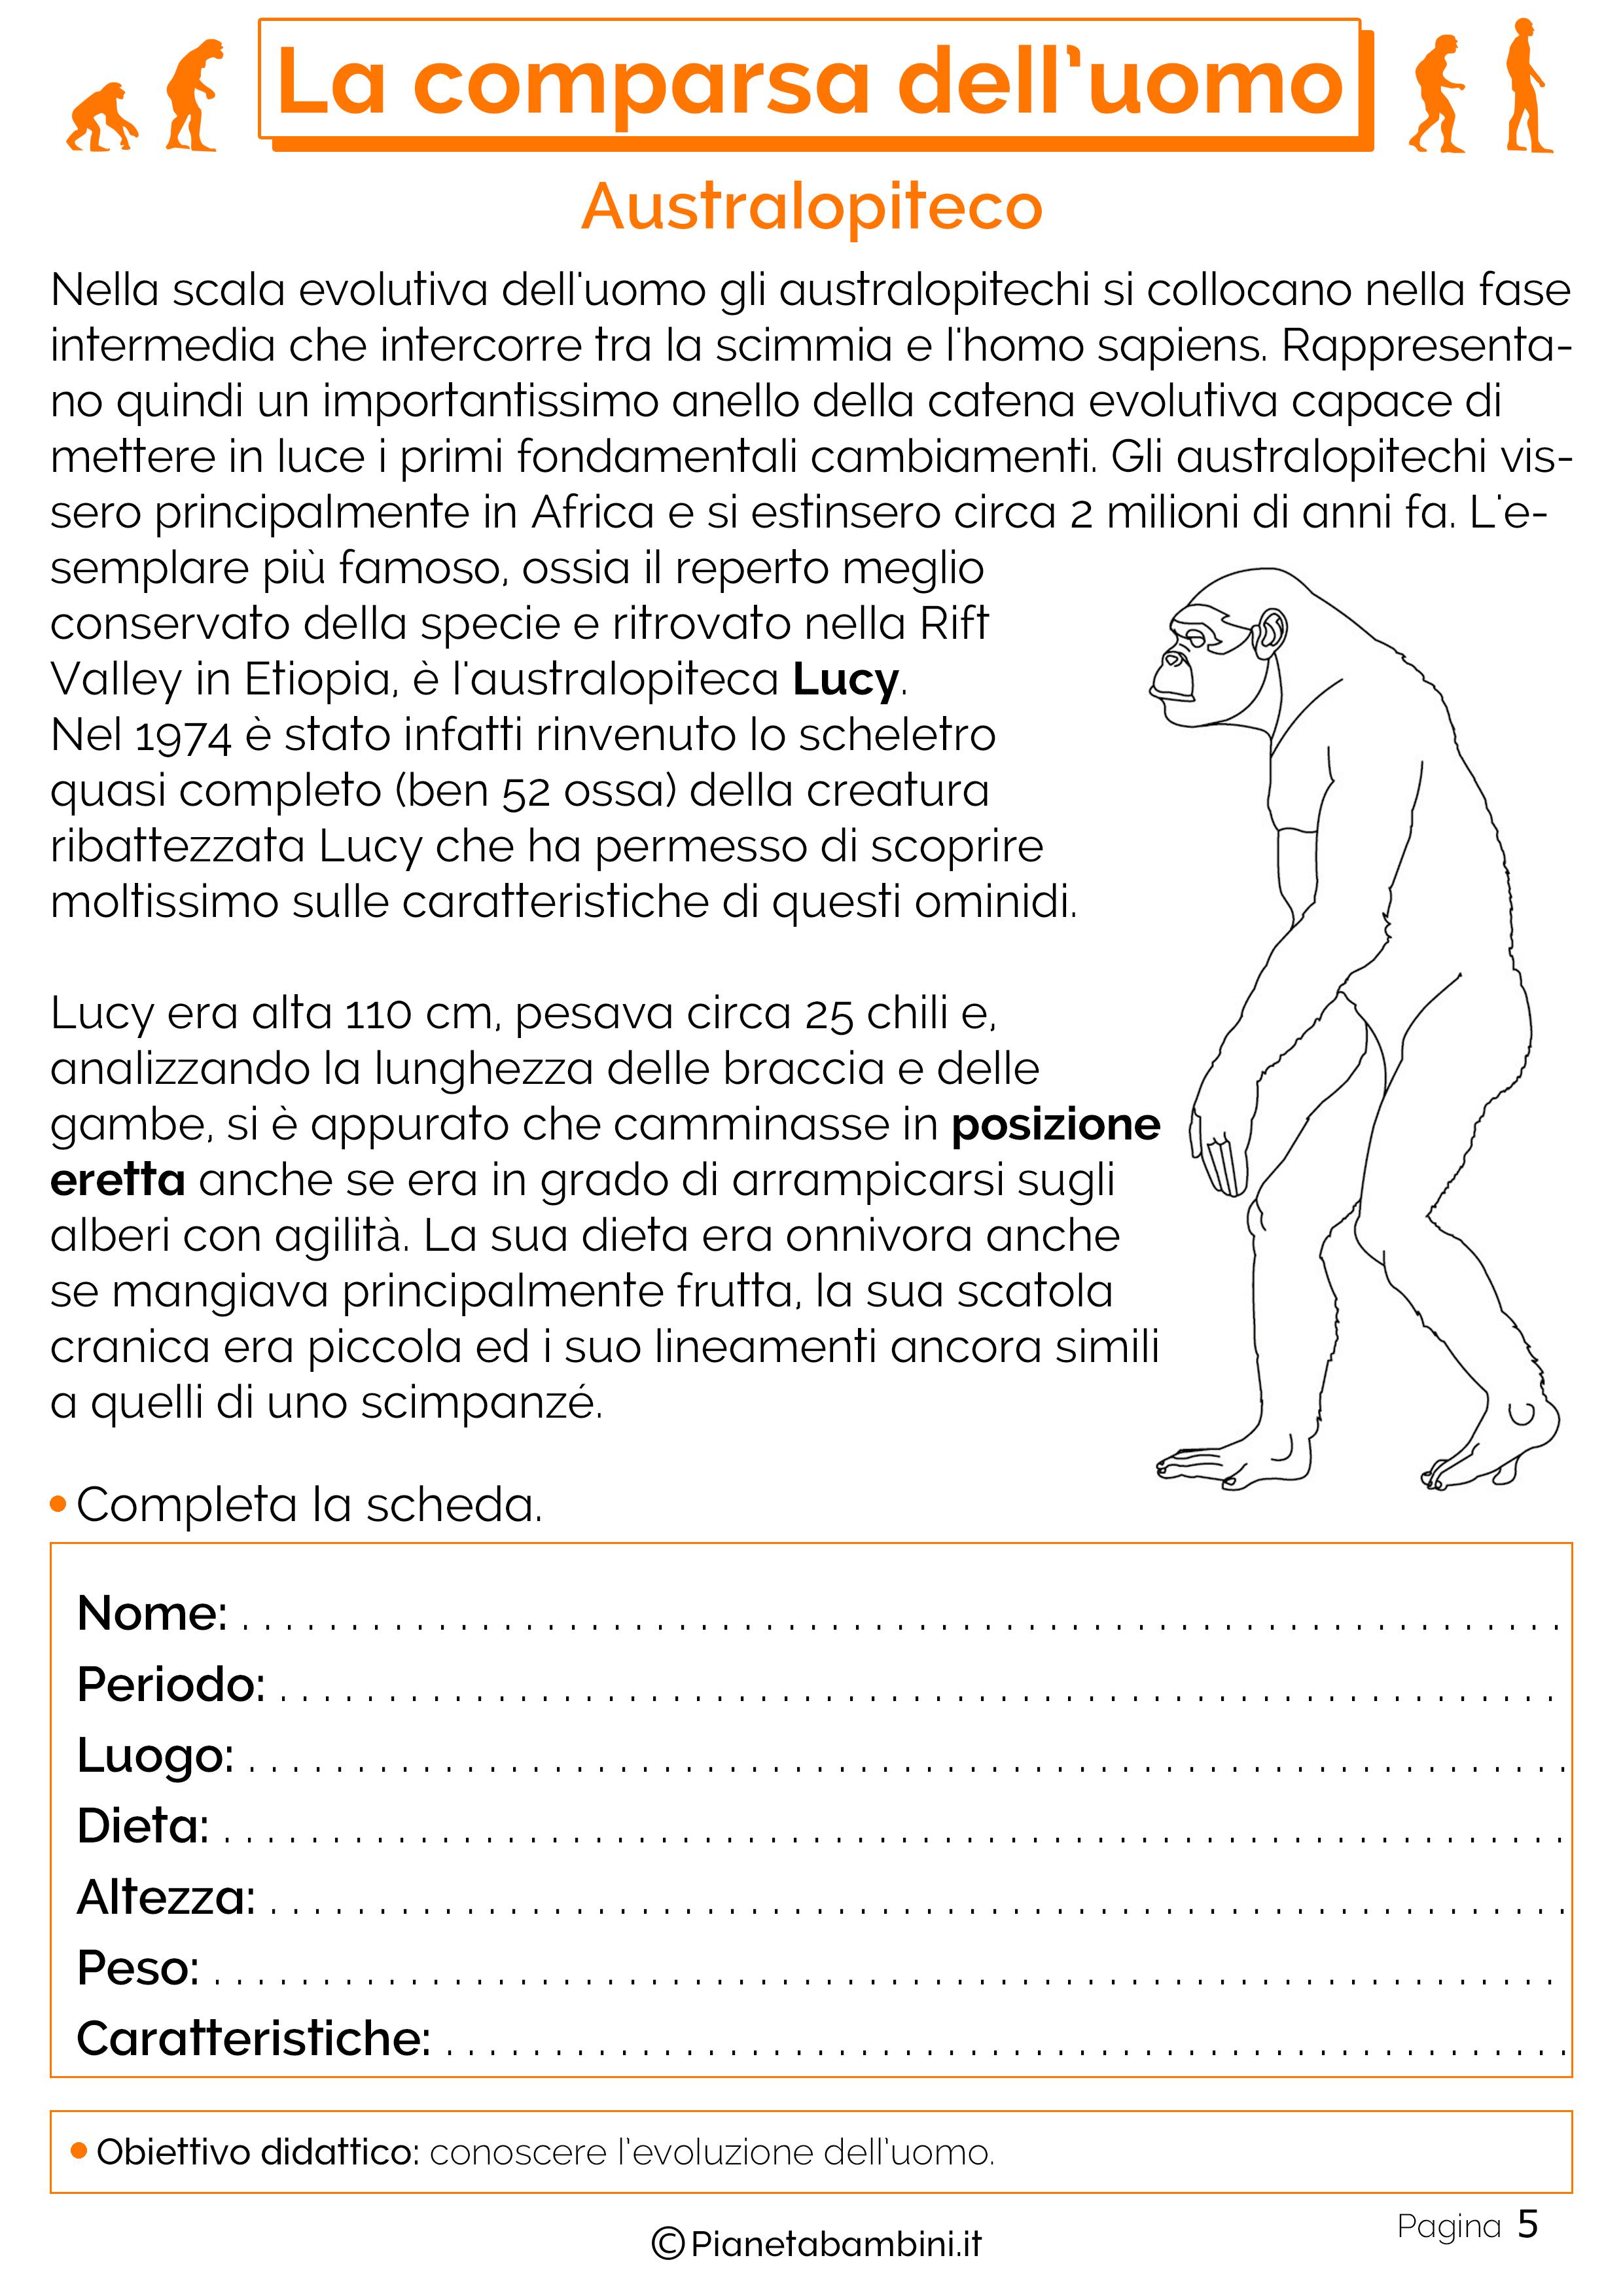 Esercizi sulla comparsa dell'uomo 5